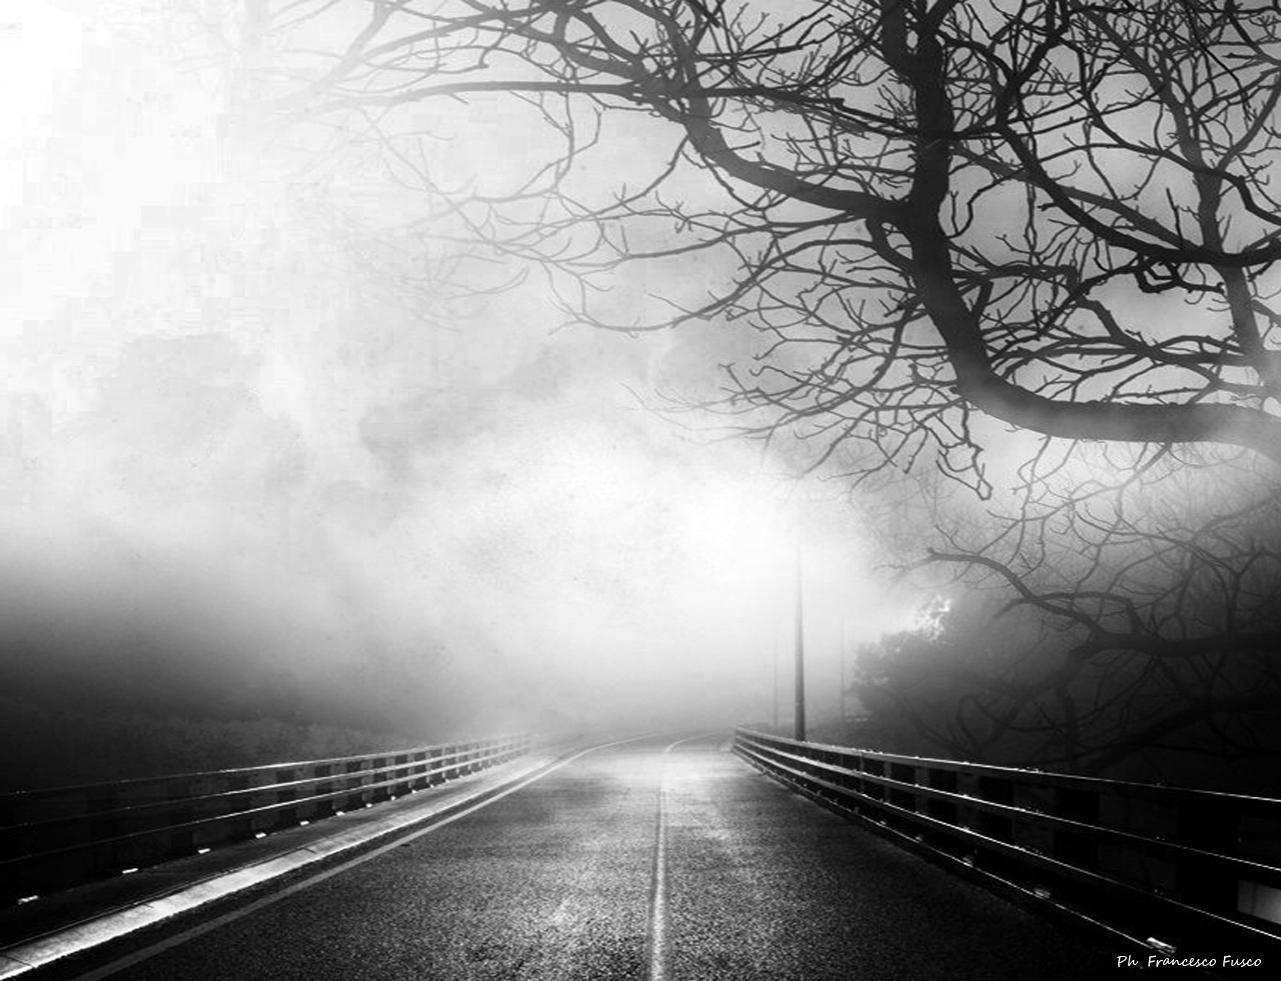 Le strade di notte